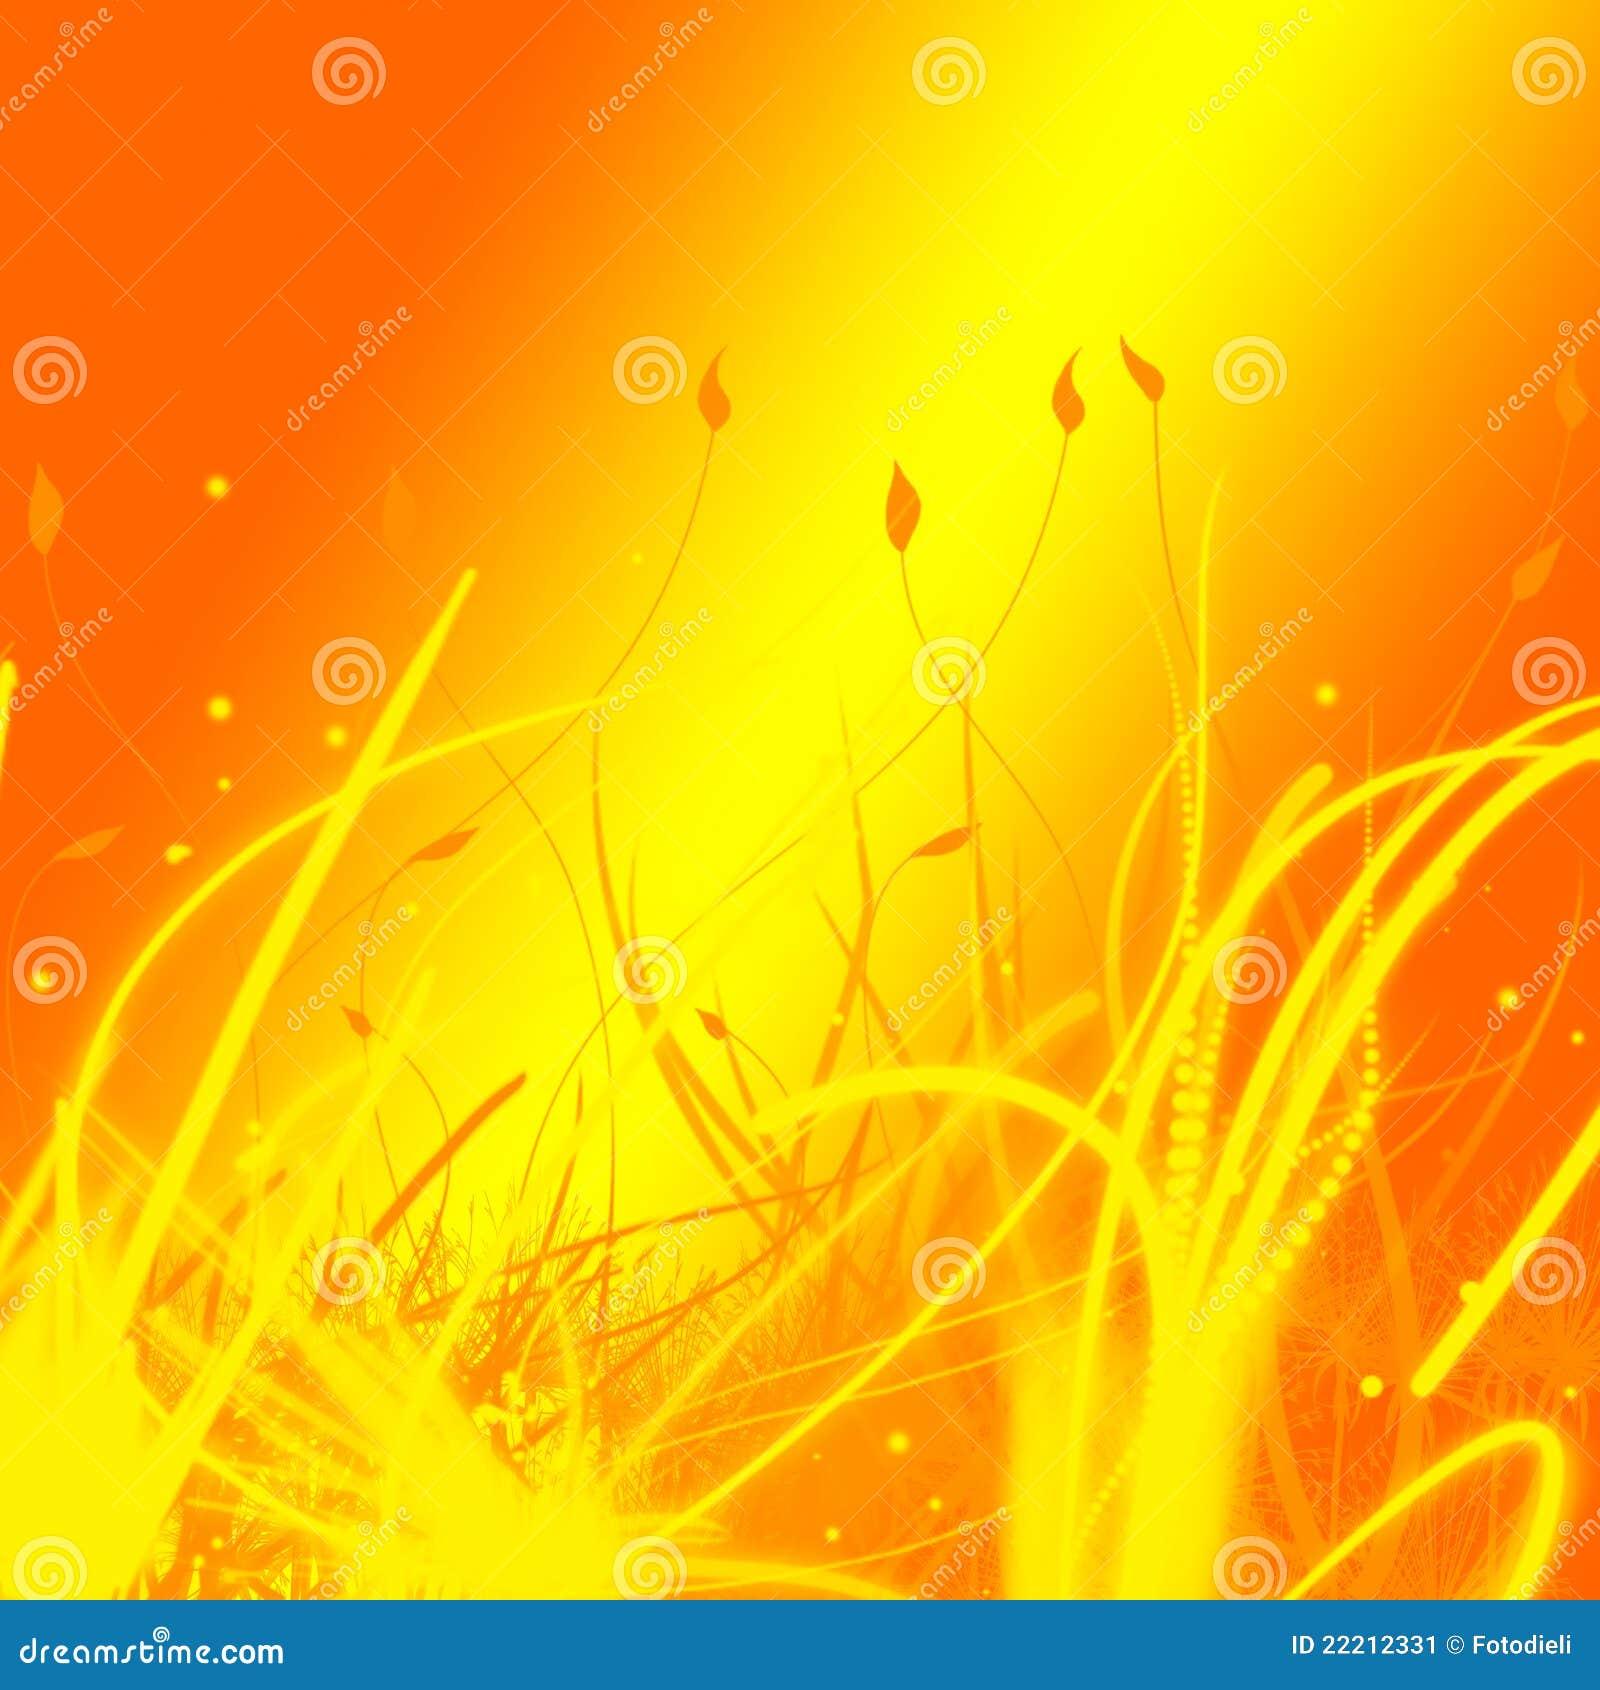 Yellow Website Design